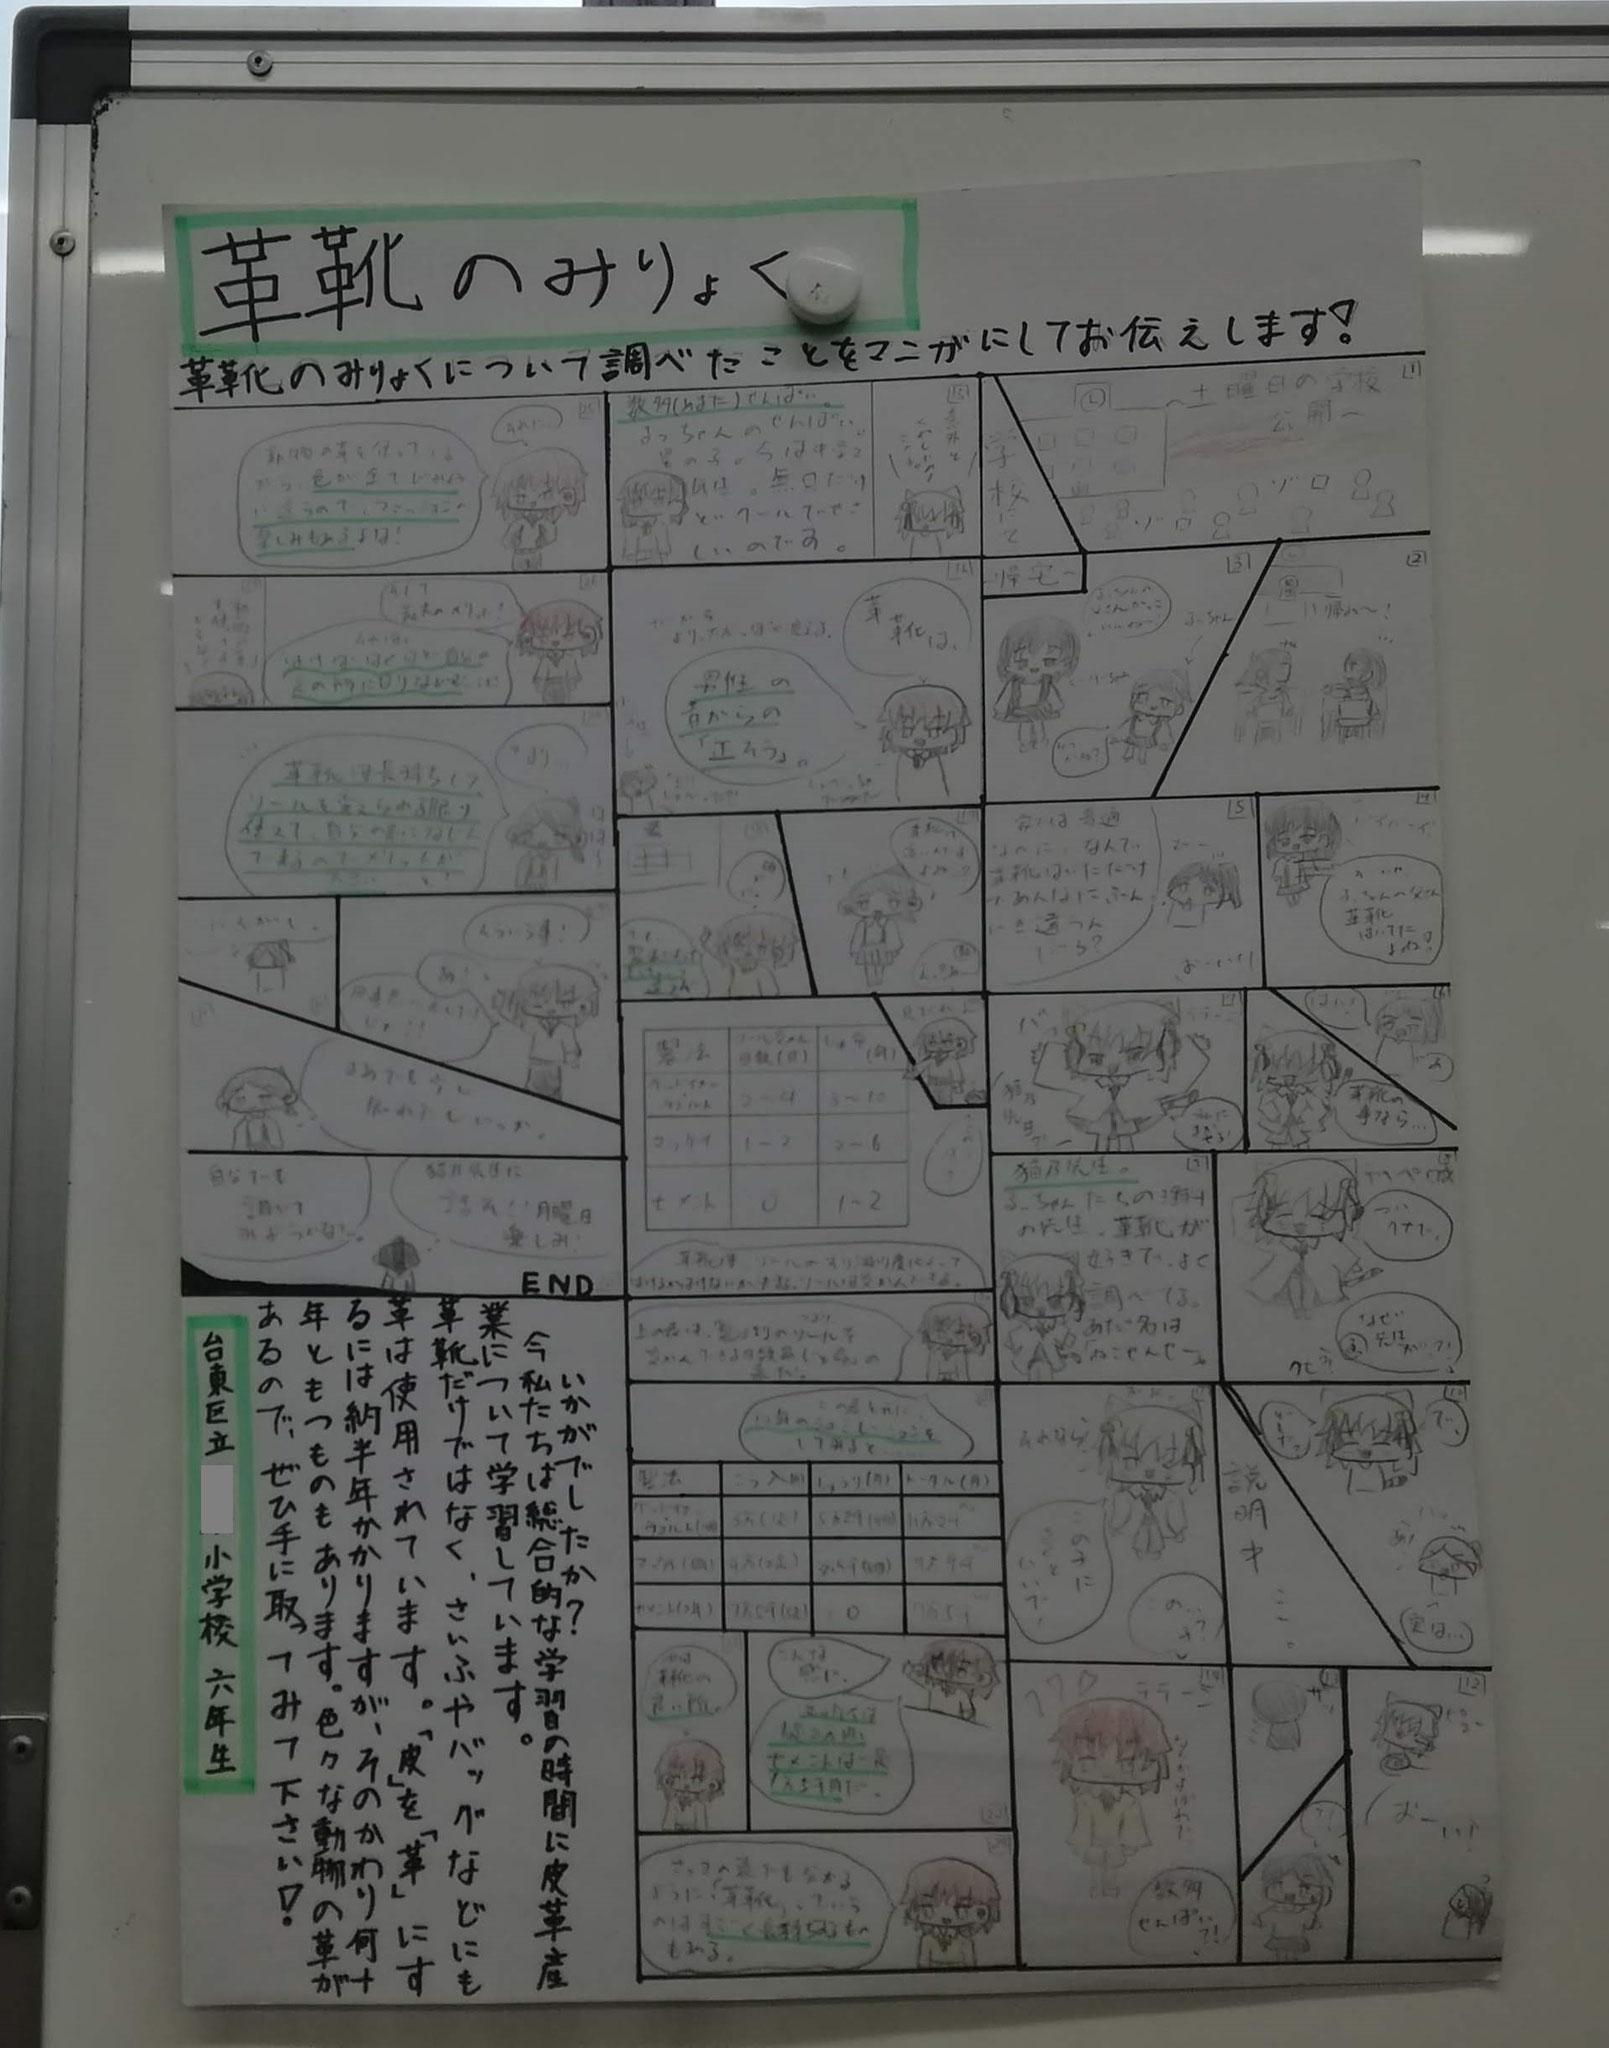 革靴のみりょく(マンガ)